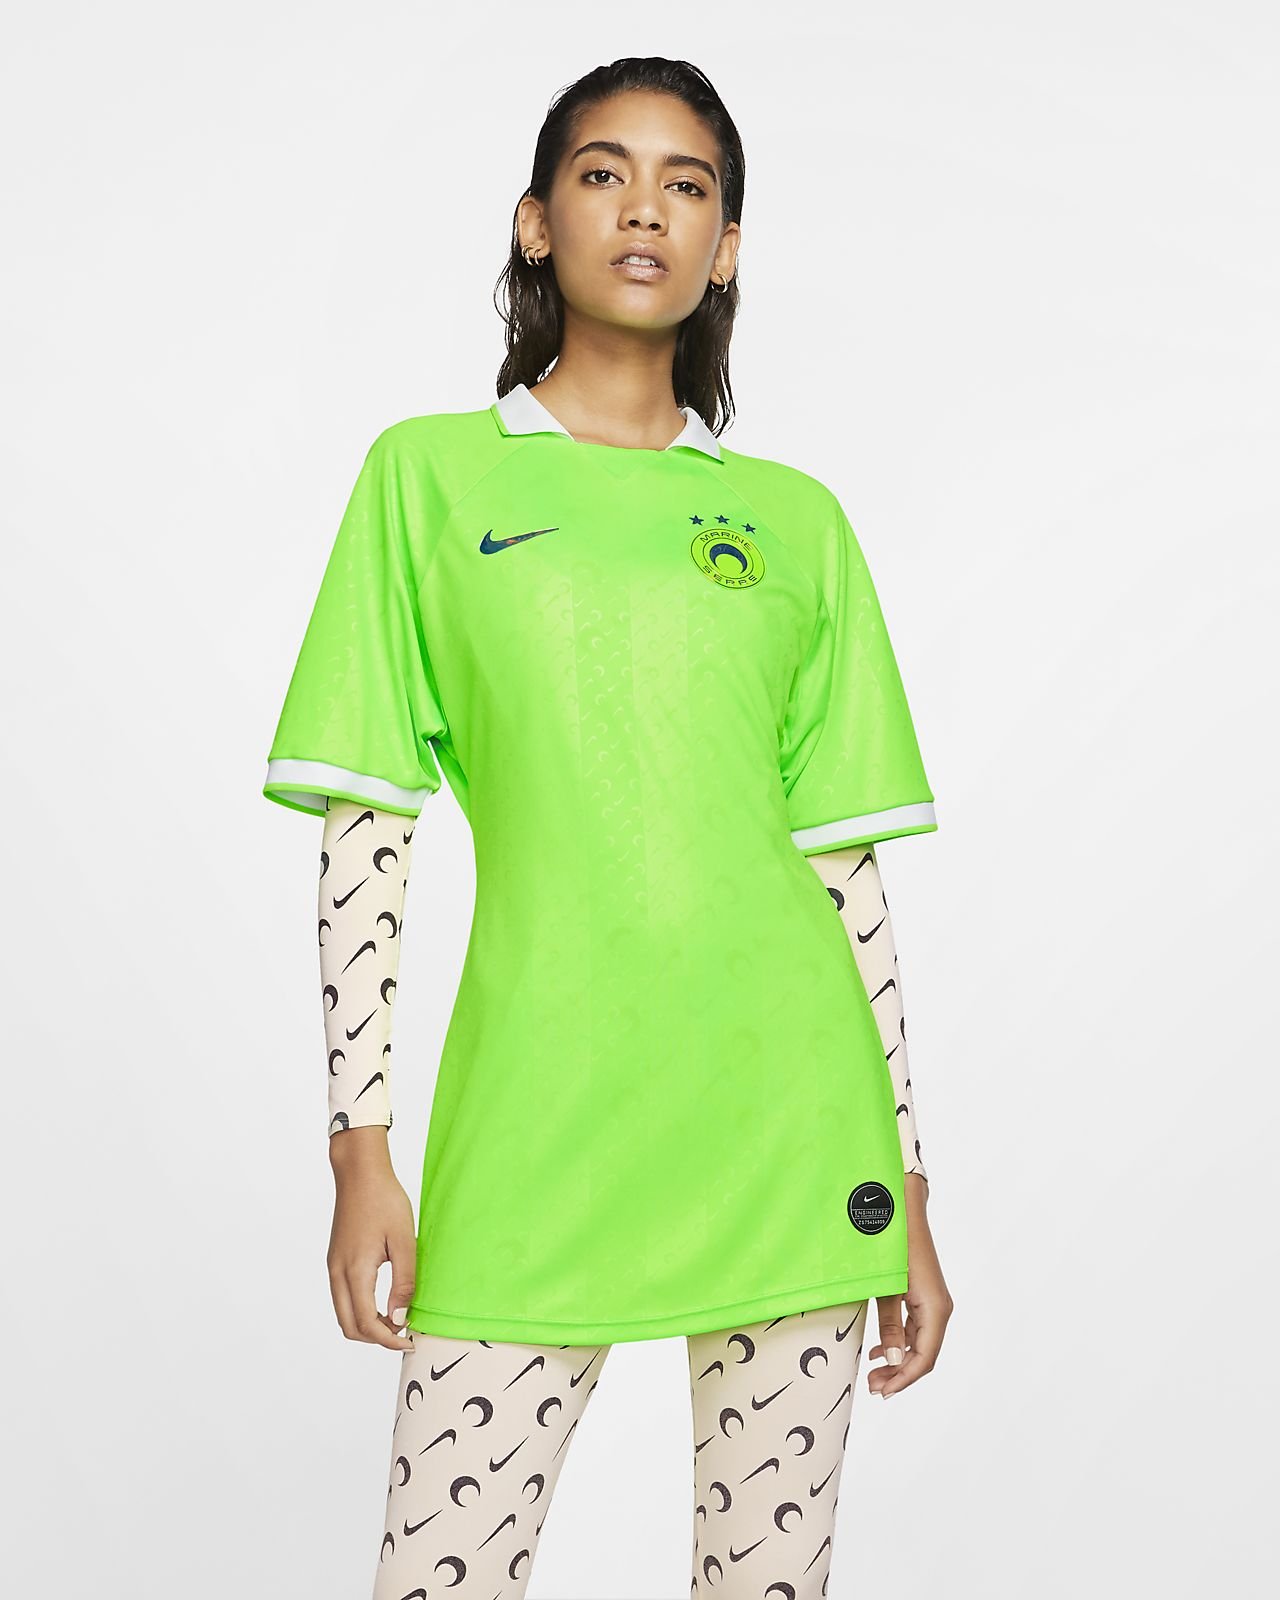 เสื้อแข่ง 2-in-1 ผู้หญิง Nike x Marine Serra